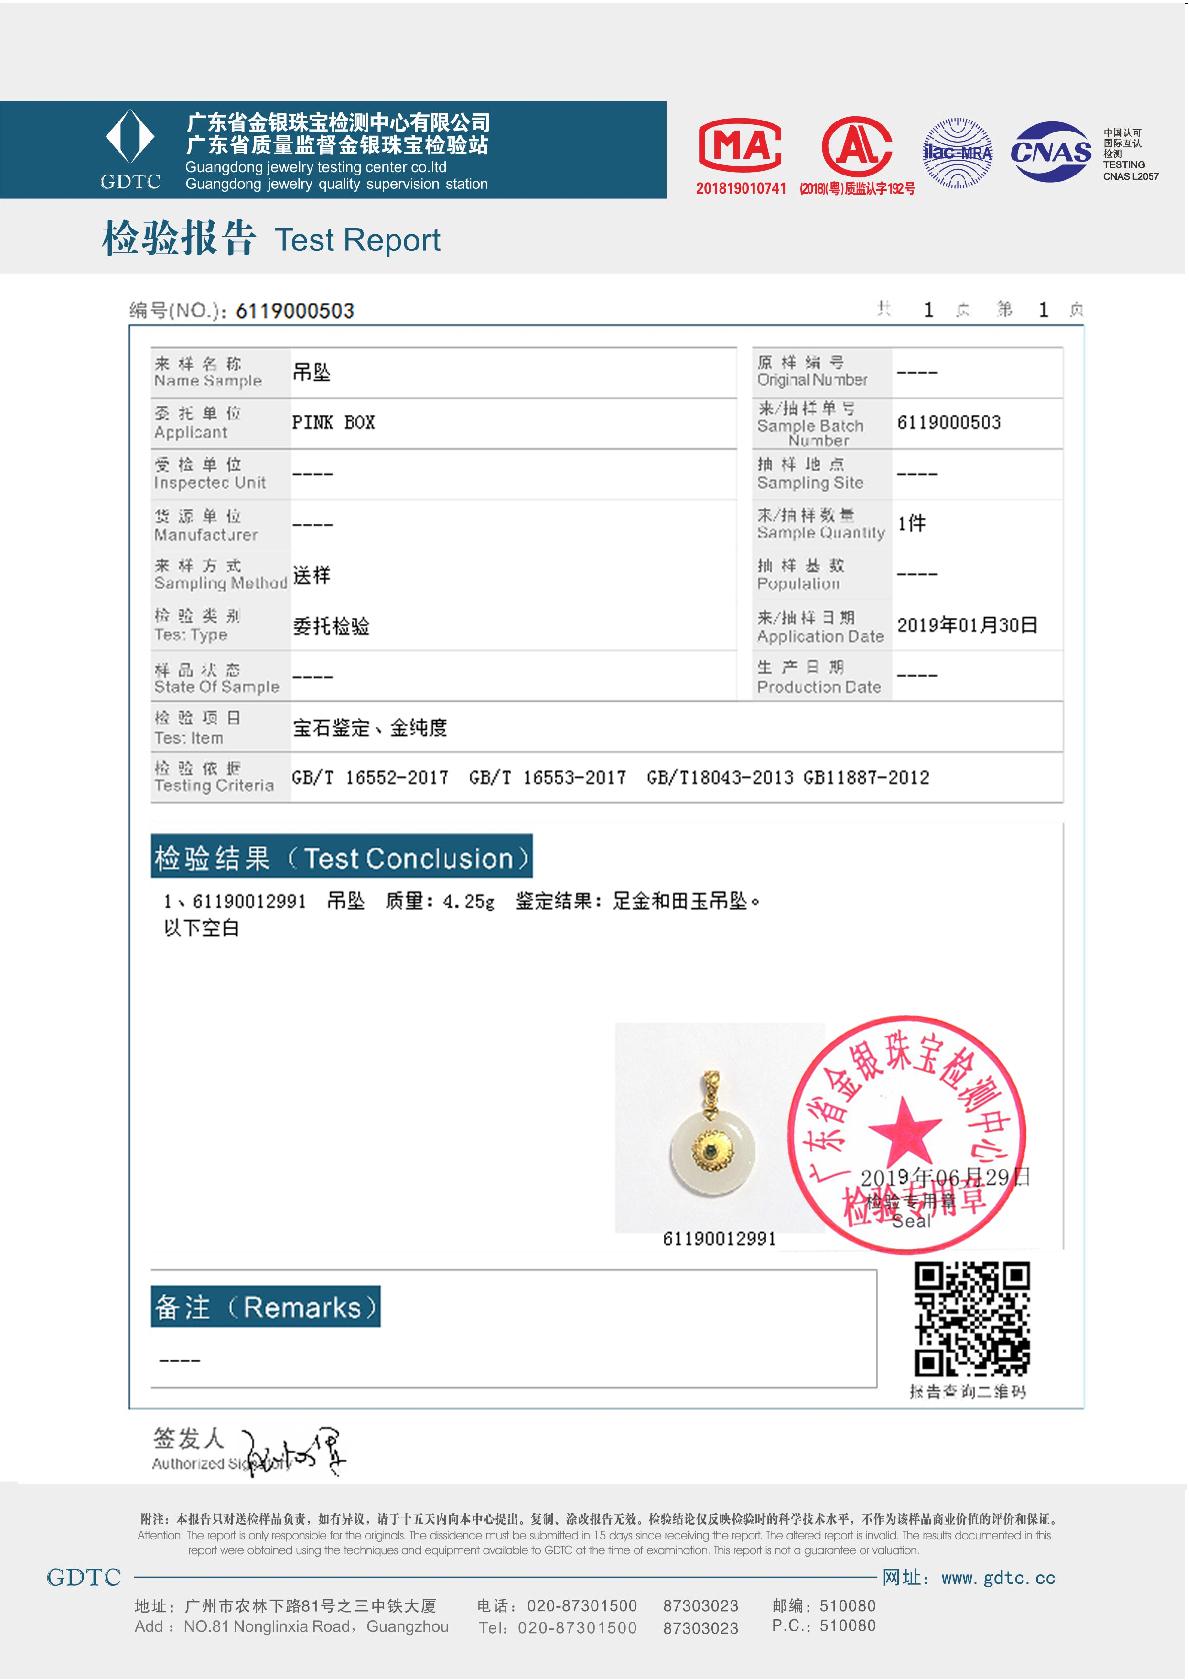 宝石检验报告1.JPG